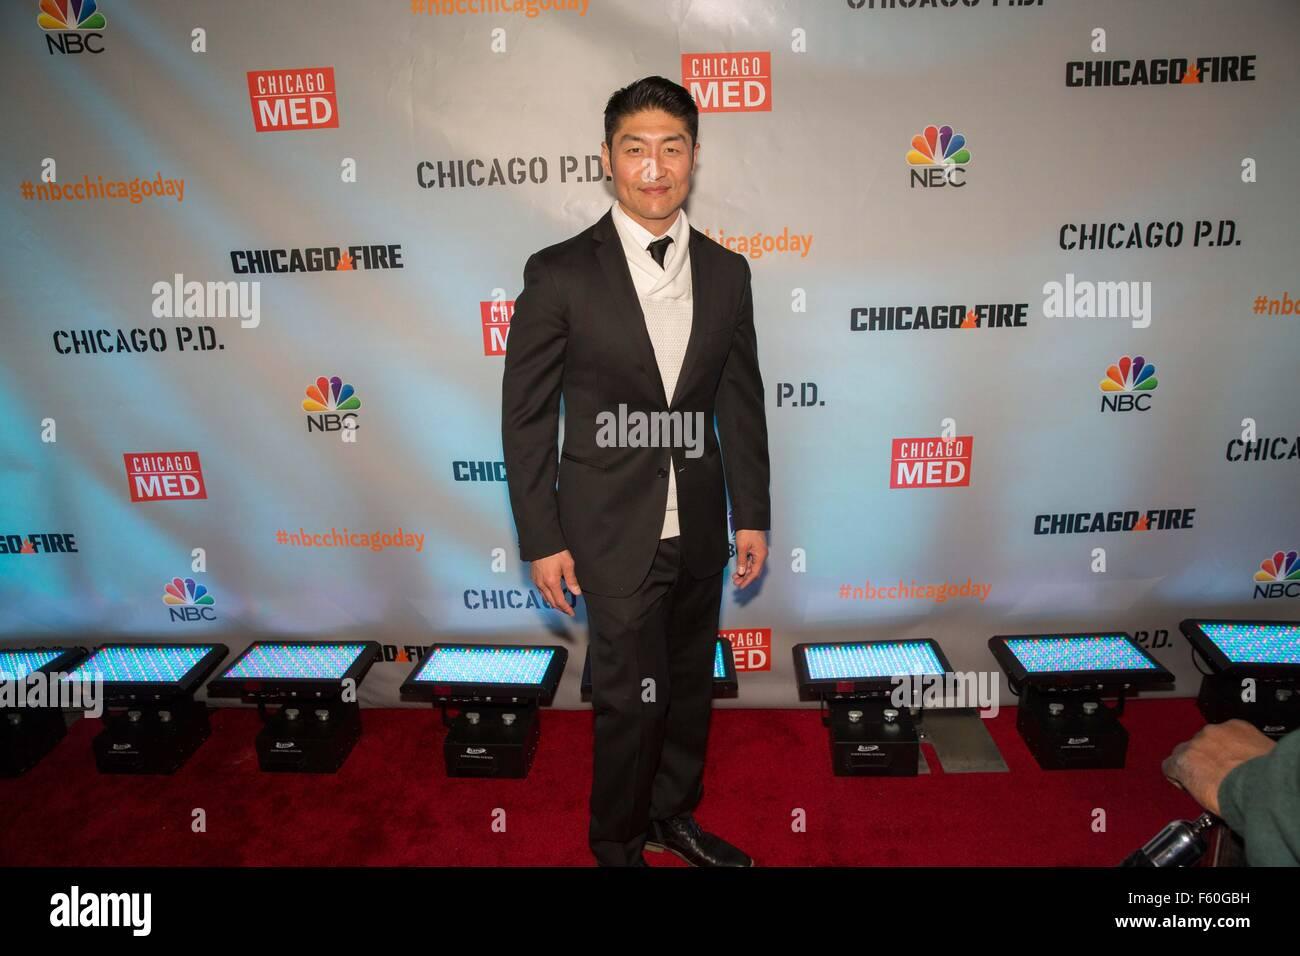 Chicago Med.html